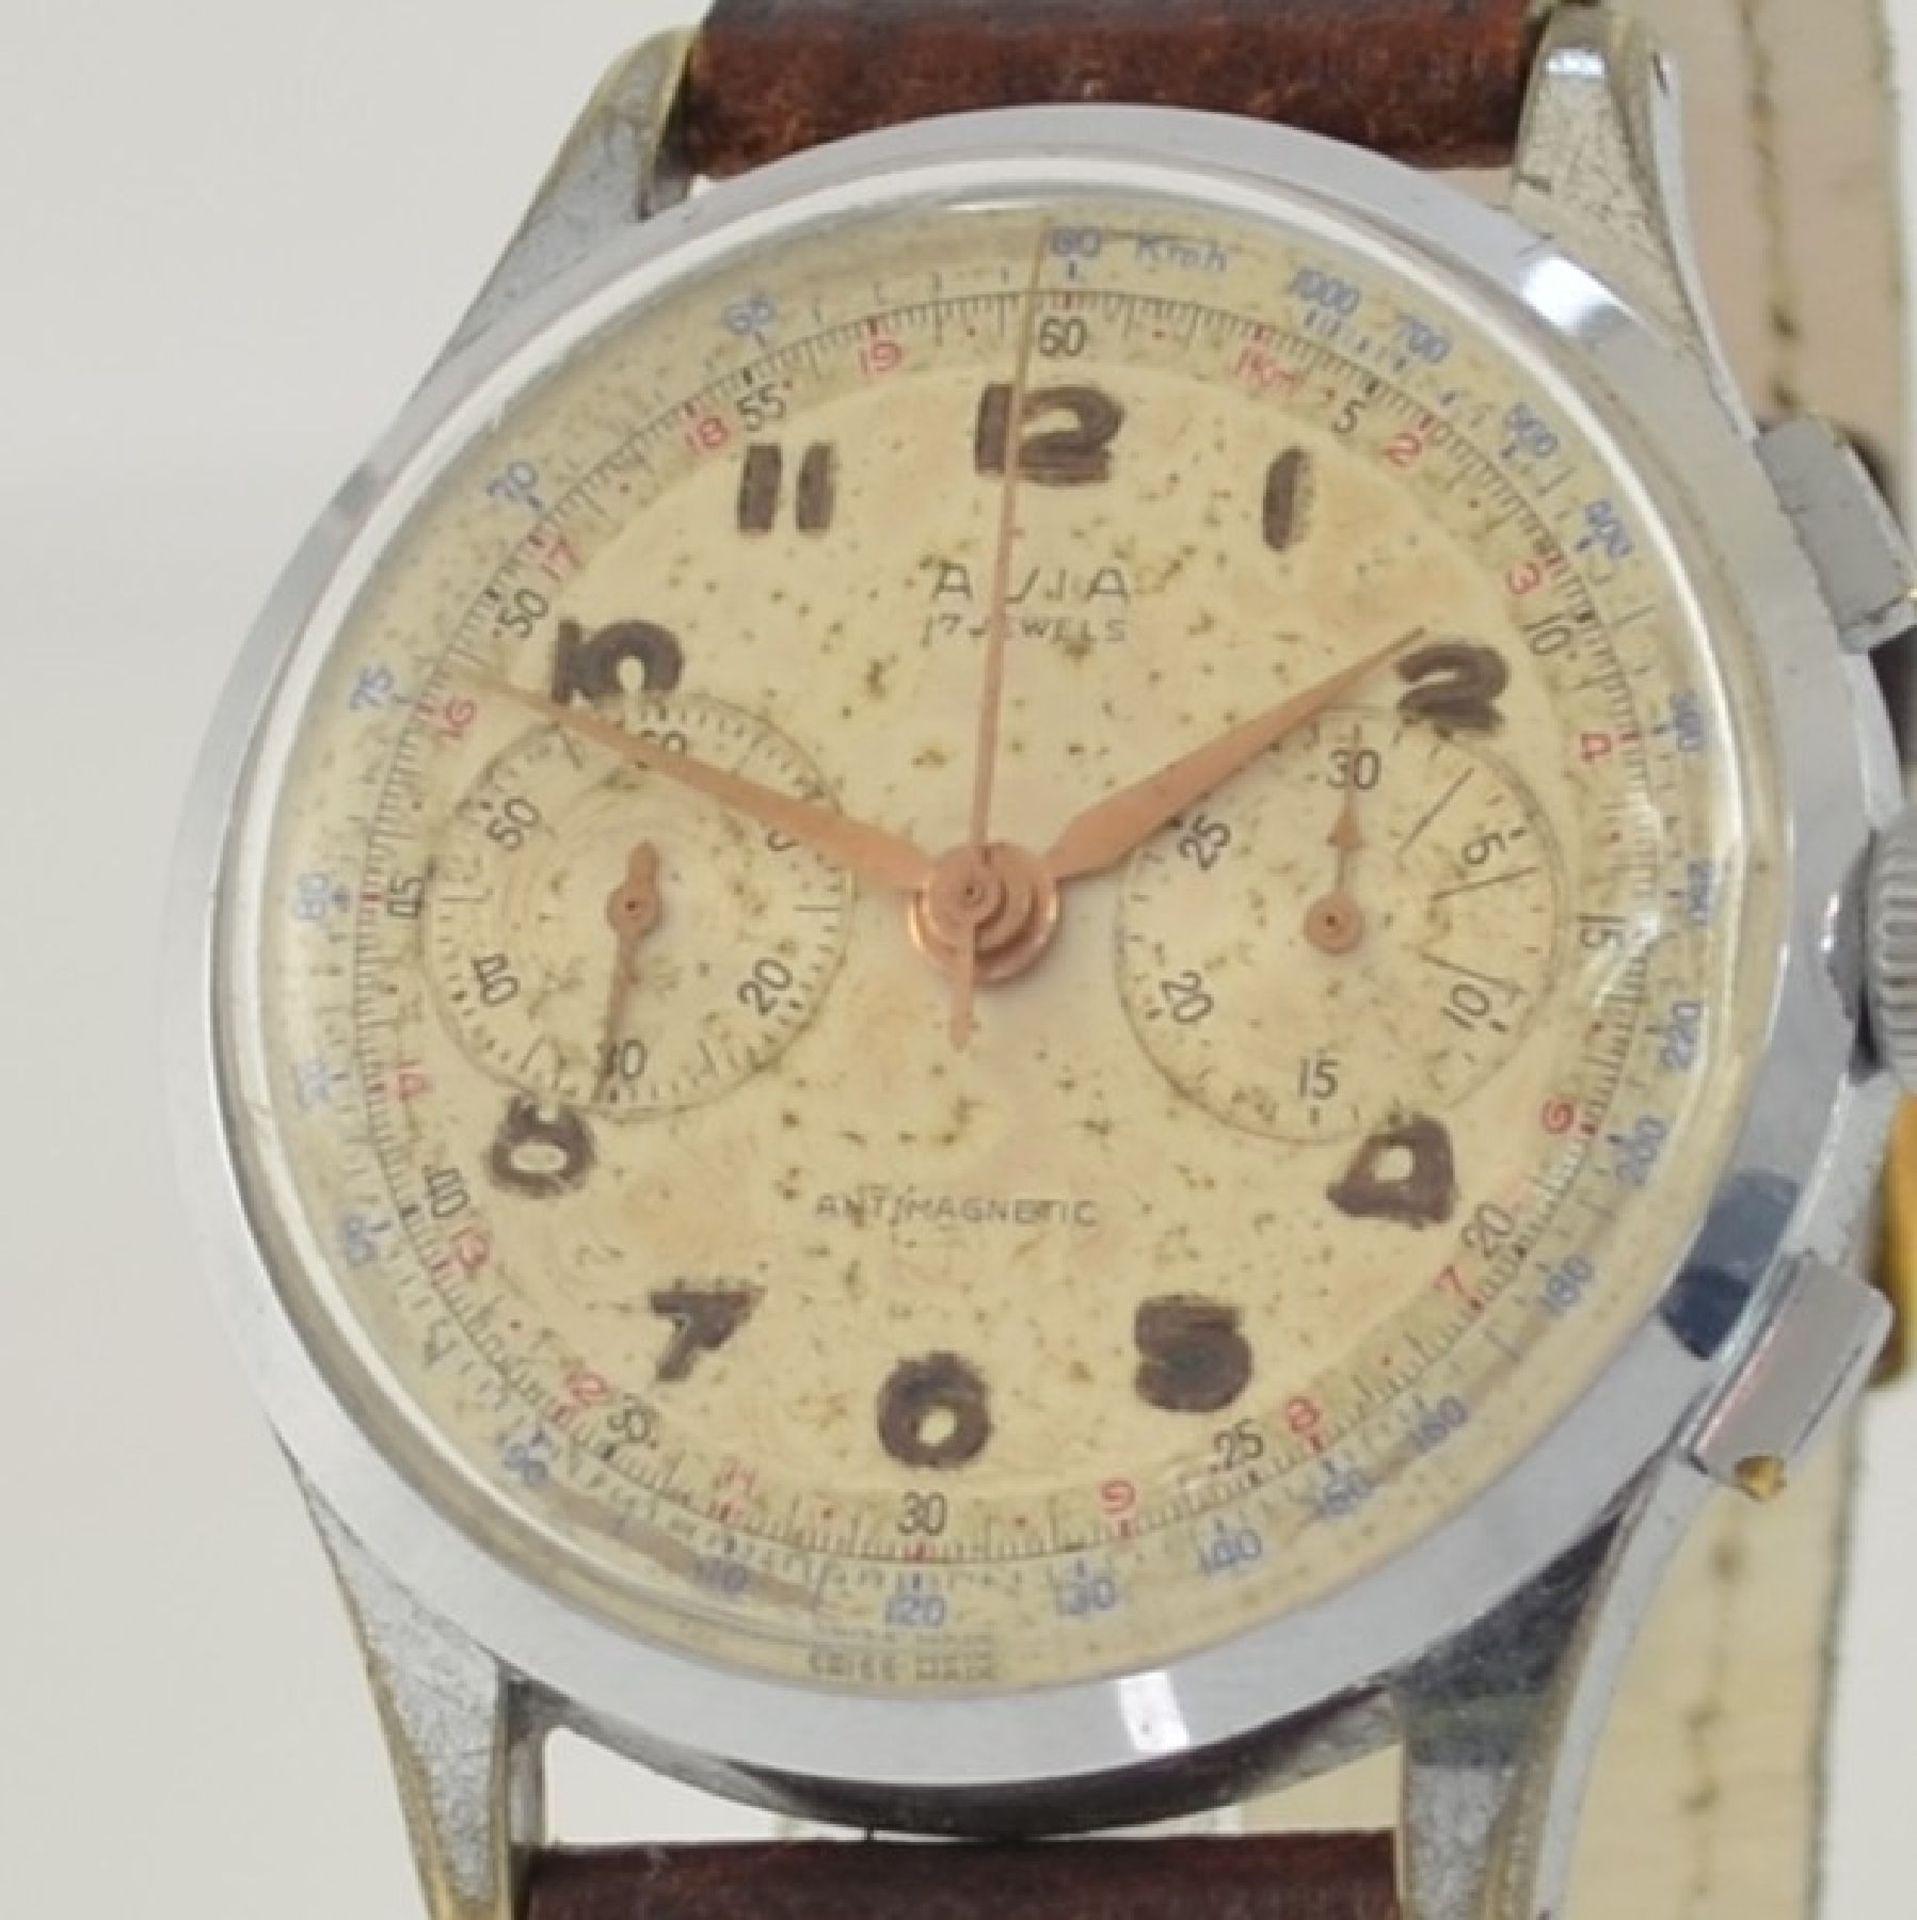 AVIA Armbandchronograph, Handaufzug, Schweiz für den dtsch. Markt um 1940, verchr. Metallgeh. - Bild 4 aus 10